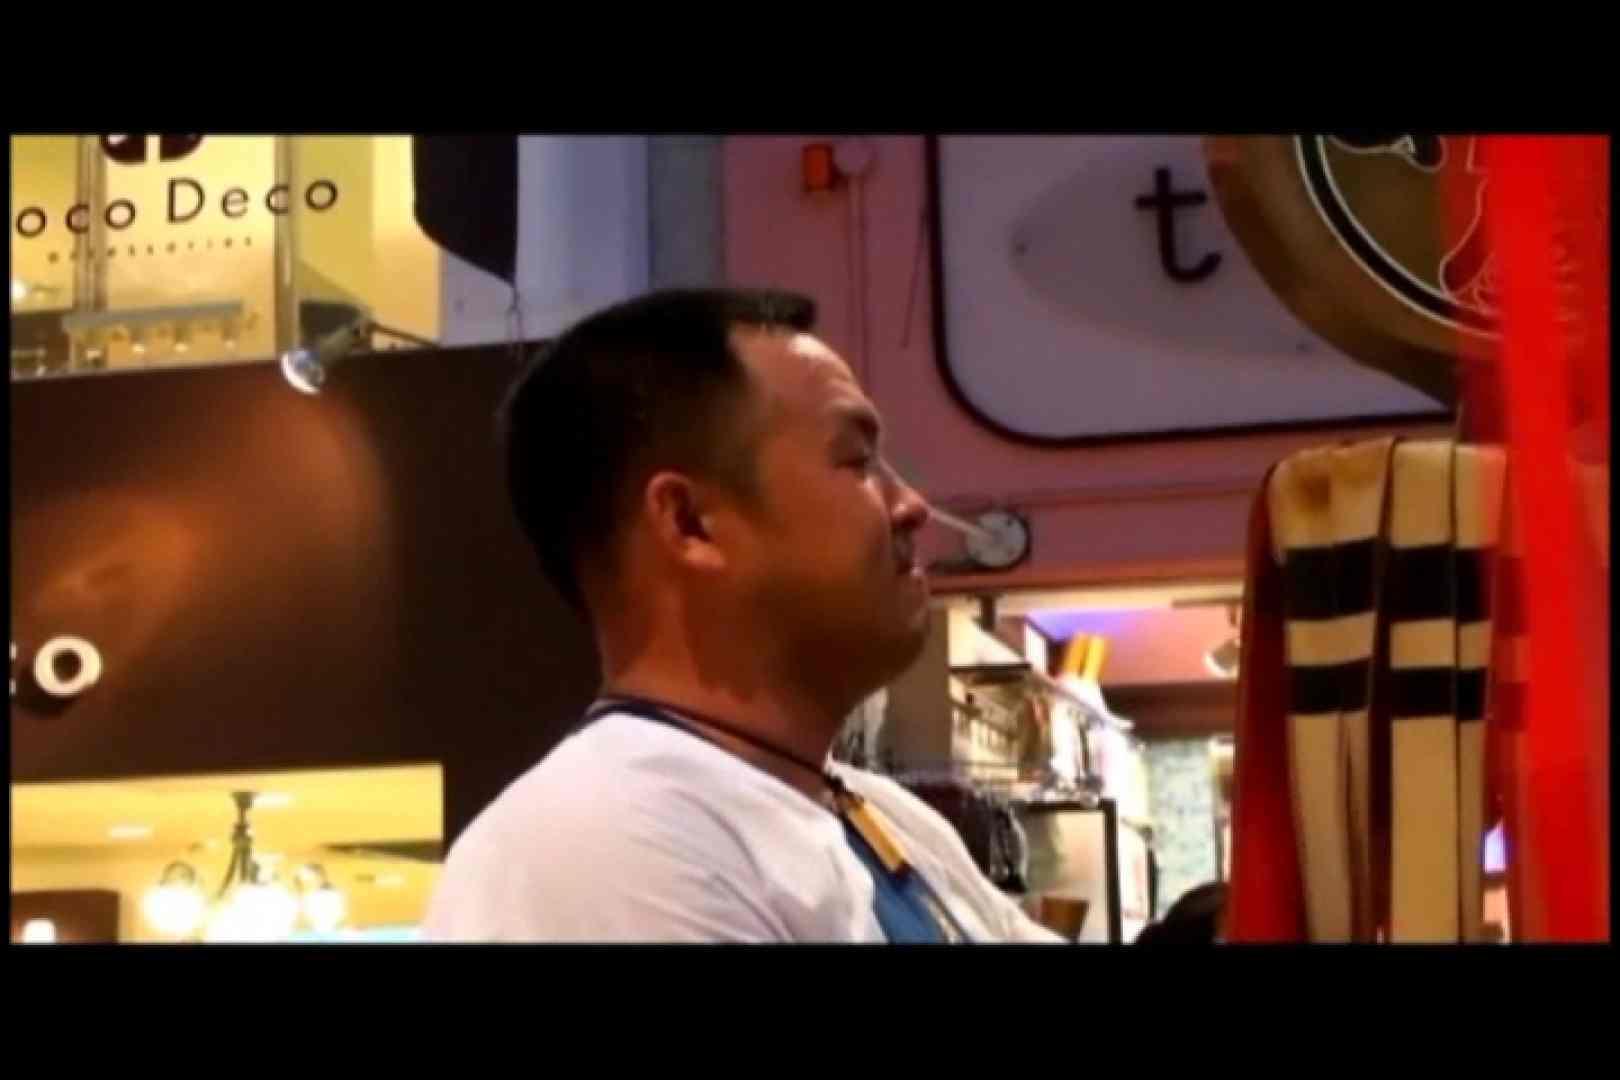 ゲイザーメン動画|日本の誇り!VOL.02 薩○のぼっ○もん2009年度バージョン!|覗き